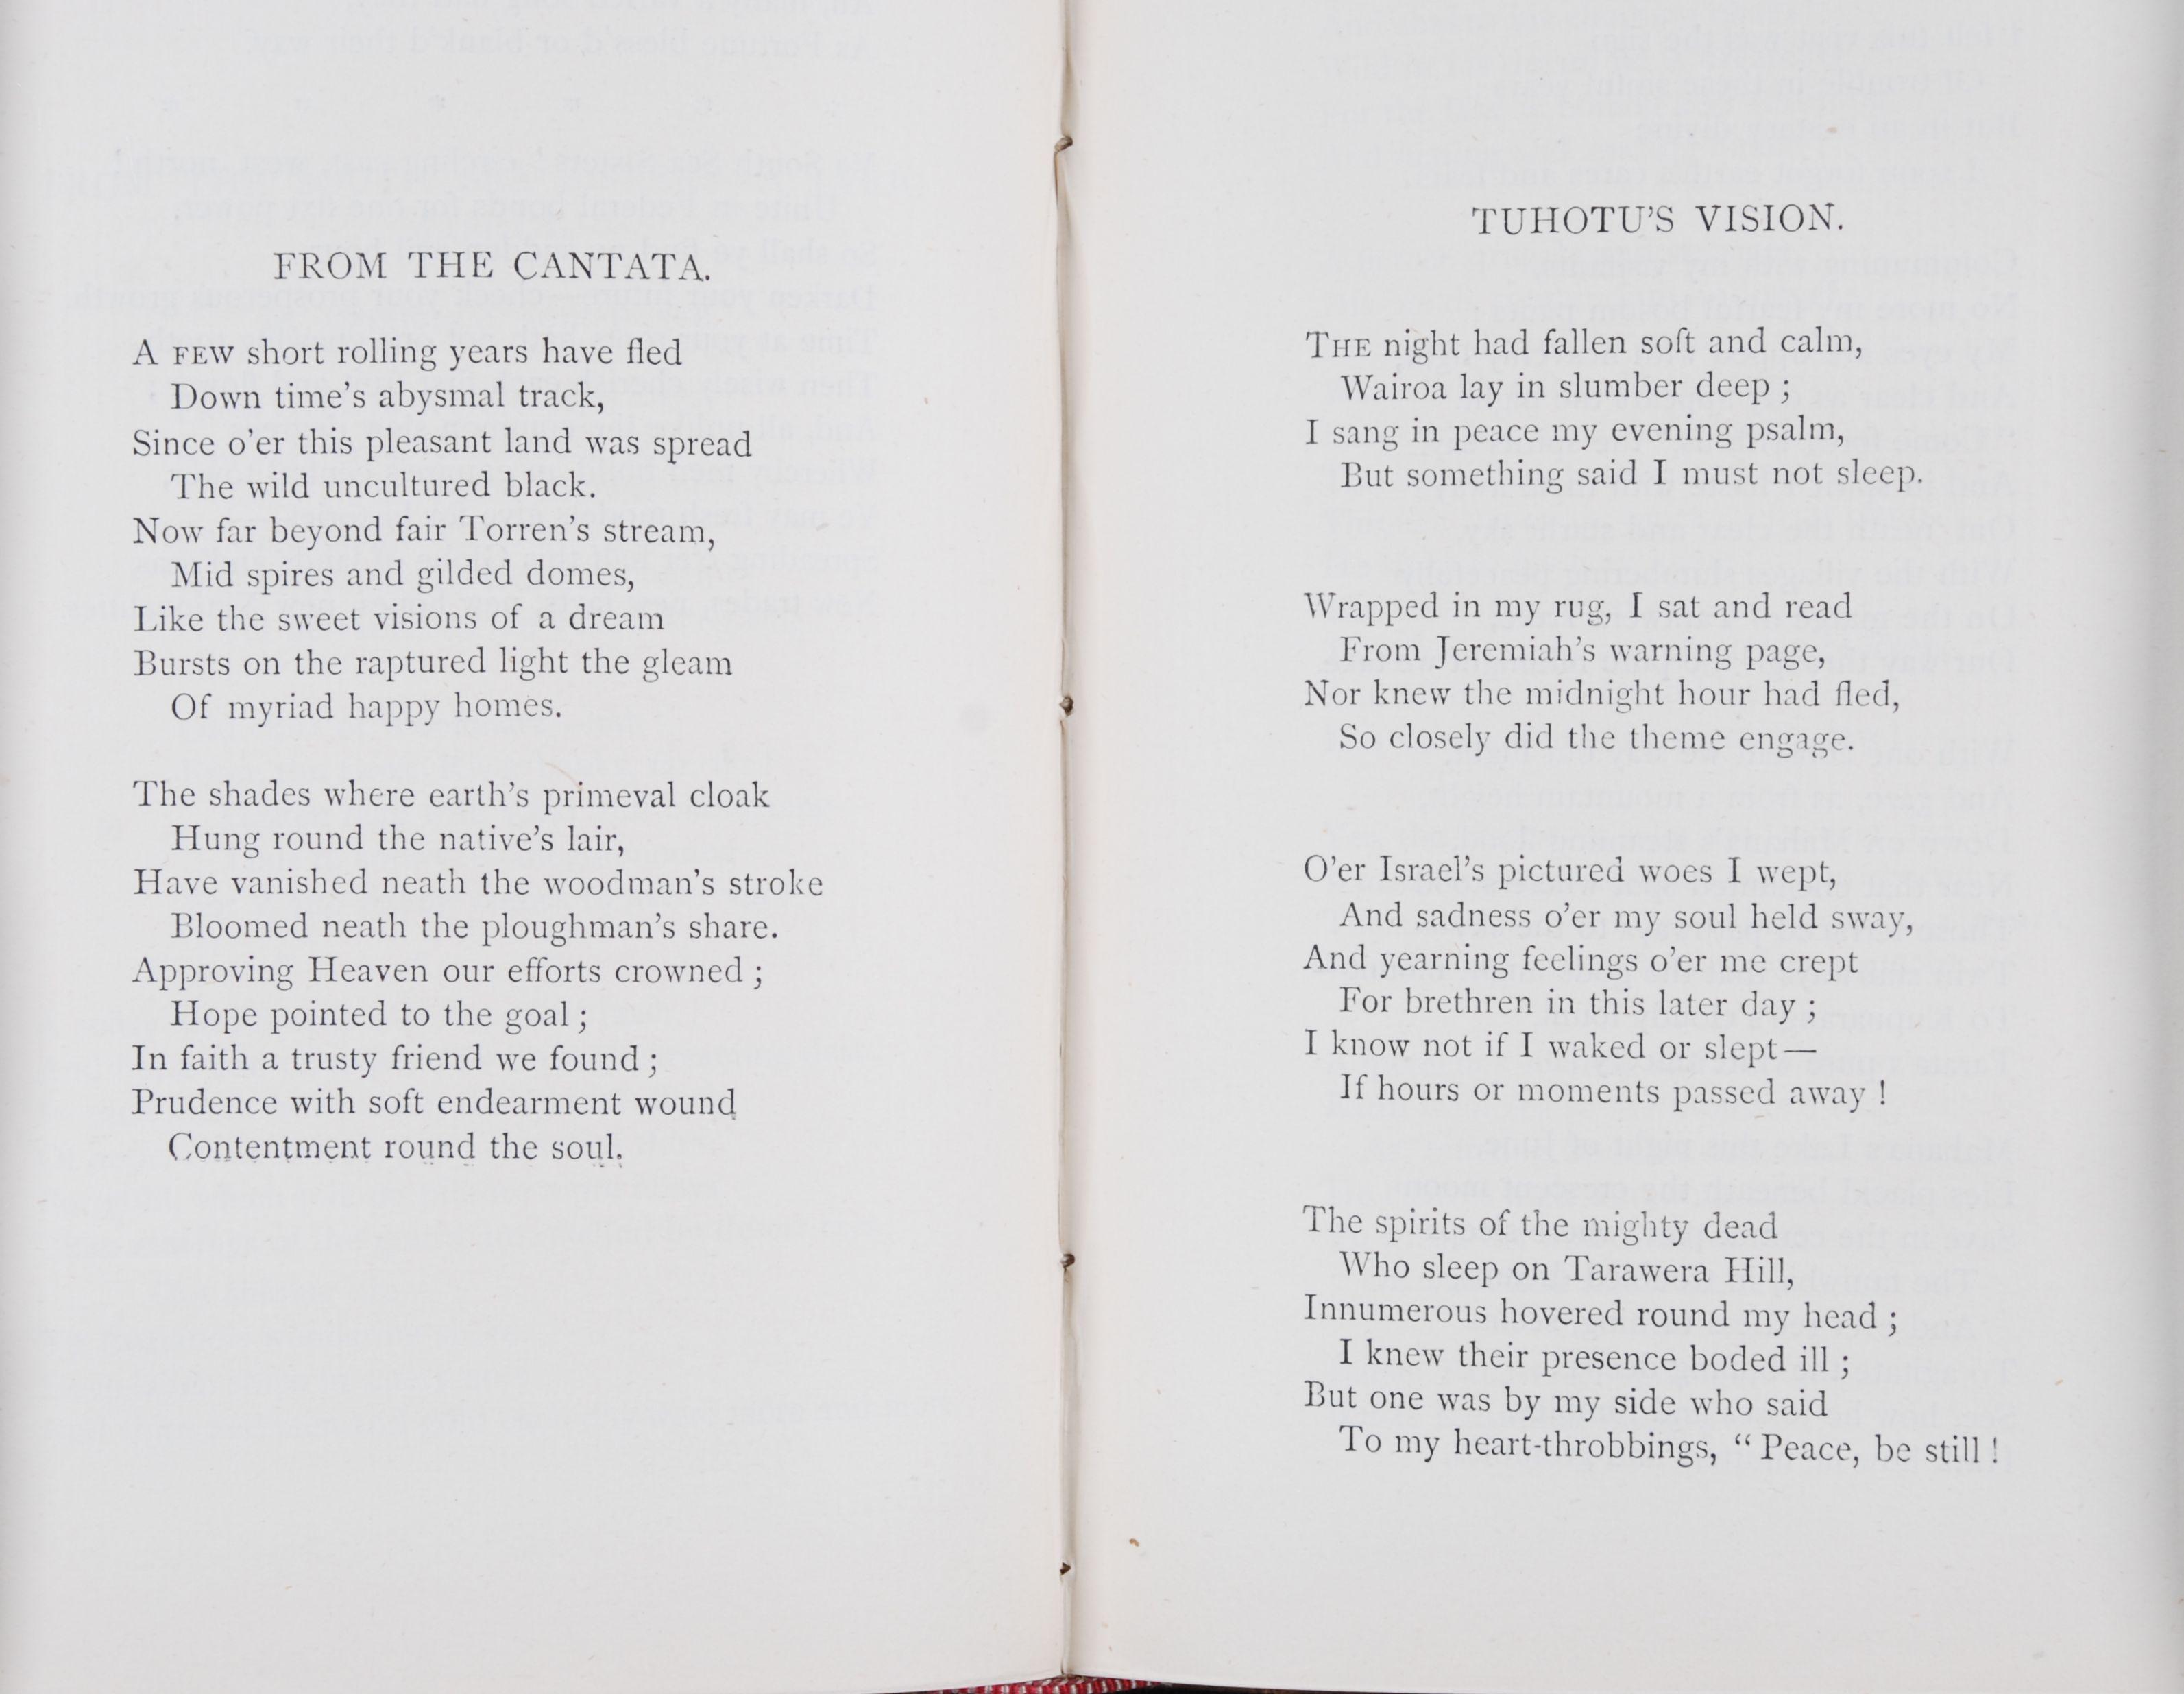 Douglas B.W. Sladen (ed).  A Century of Australian Song. Centenary edition. London: W. Scott, 1888.